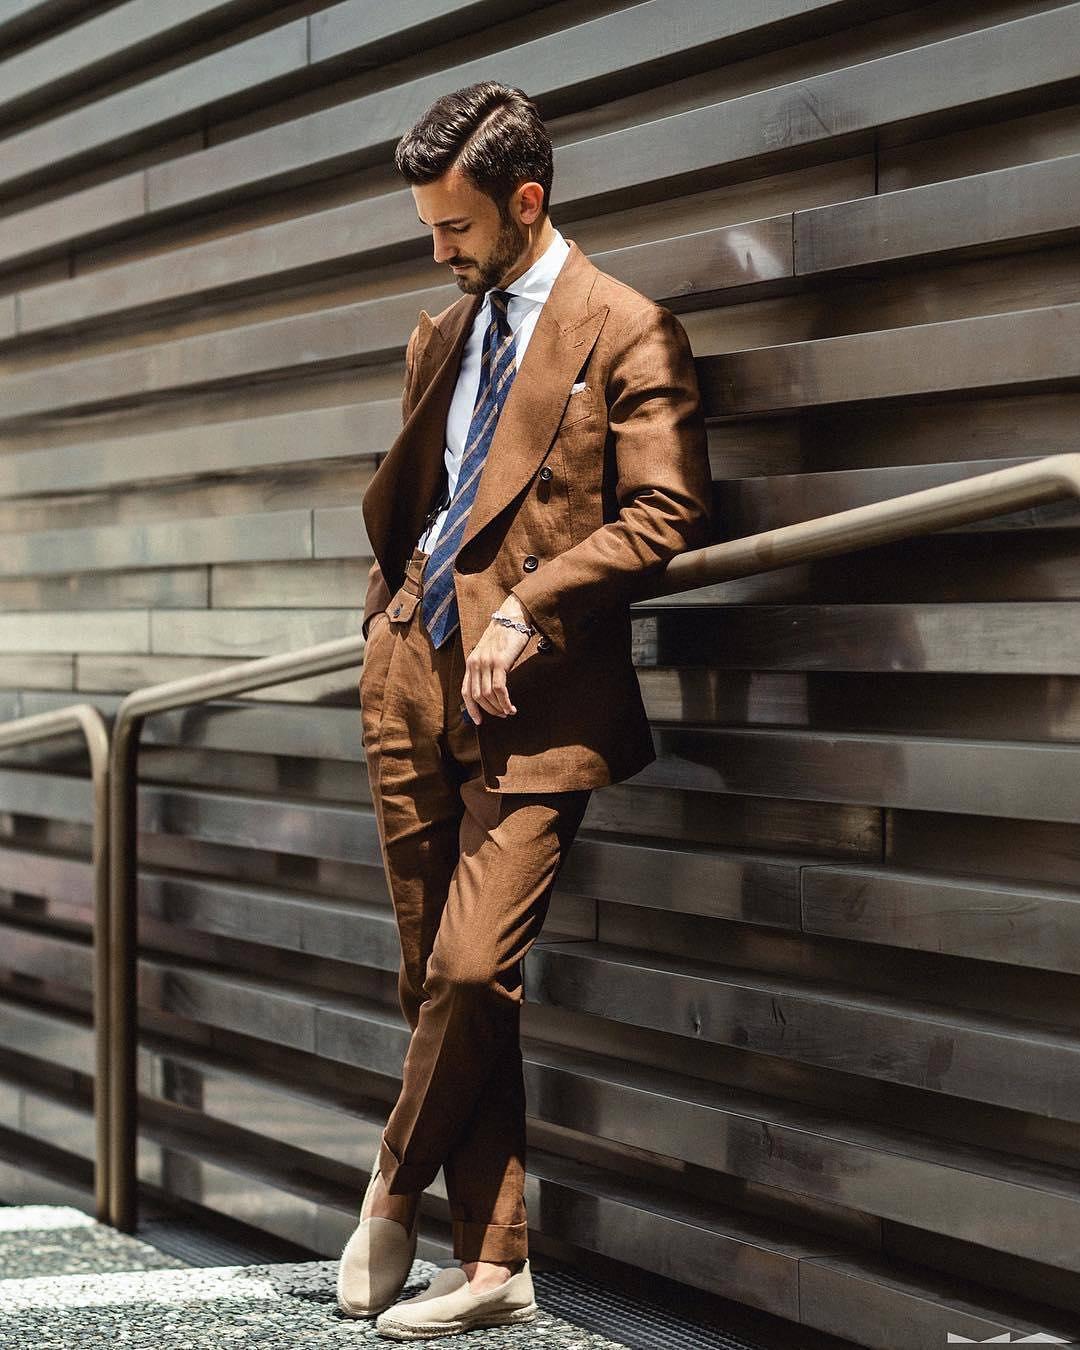 Le costume en lin permet de ne pas sembler sur-habillé malgré la présence d'une cravate et ainsi de ne pas jurer avec les espadrilles. Source : Milad Abeli